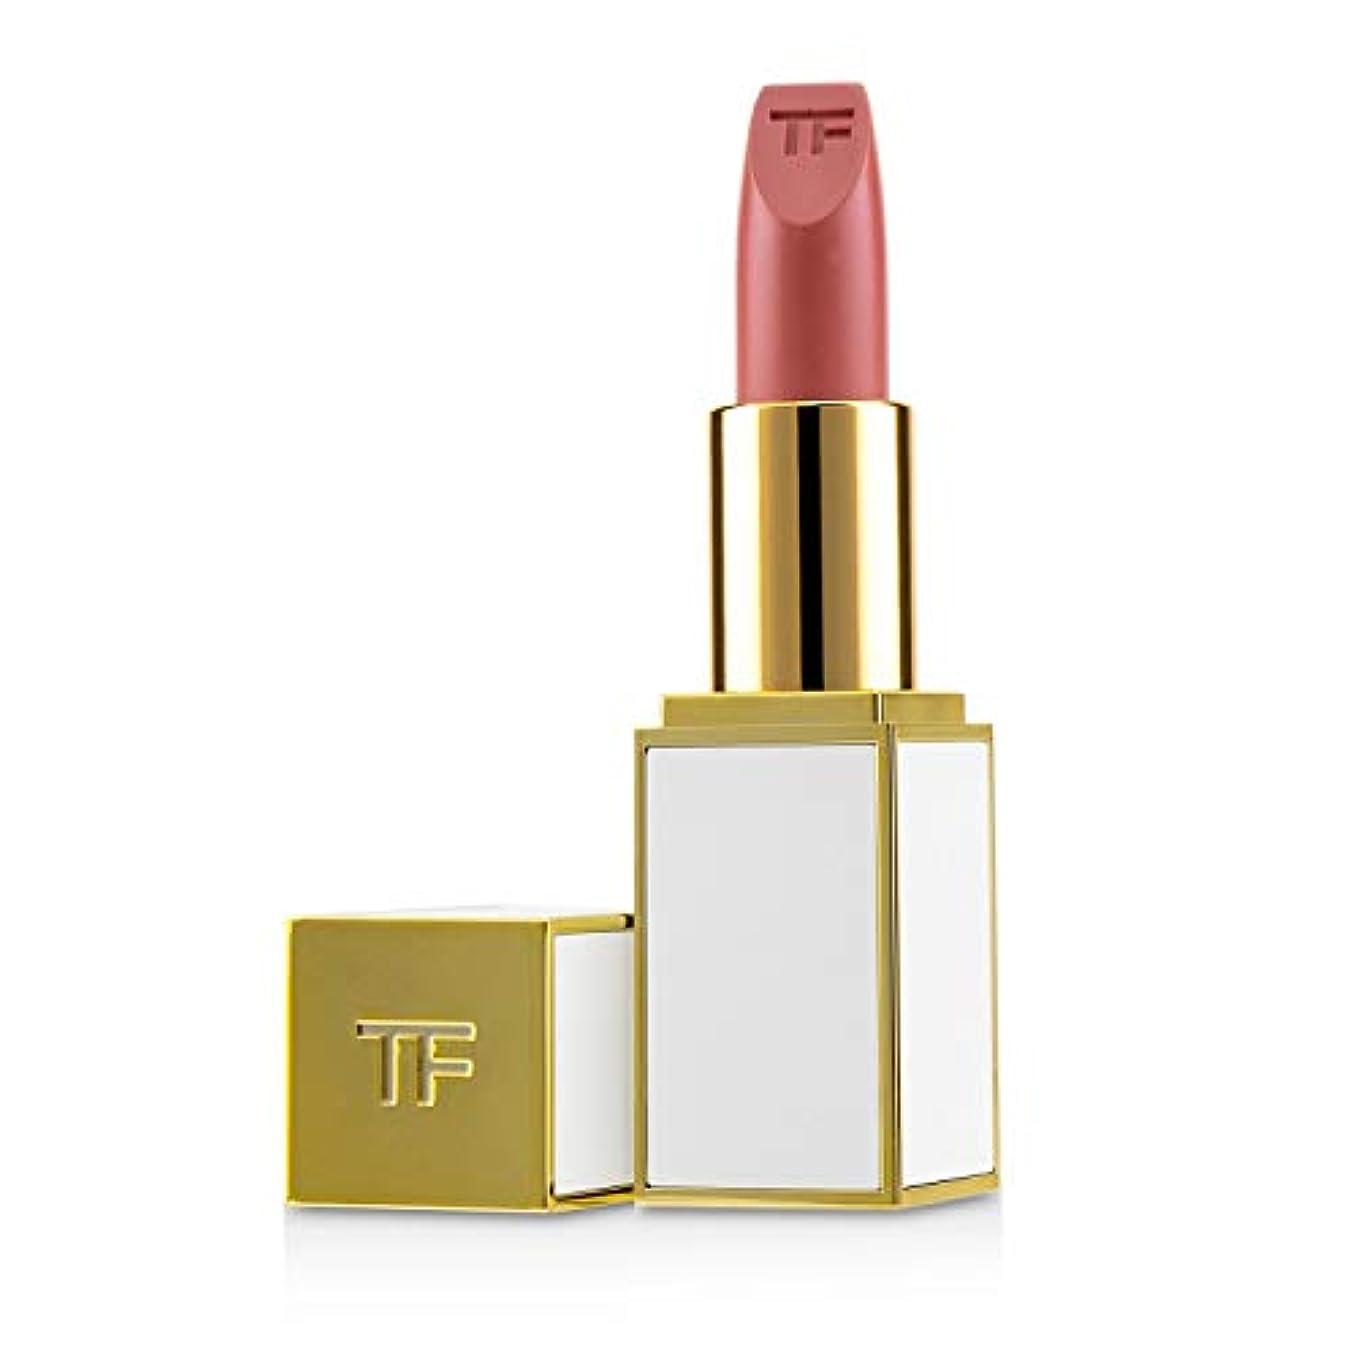 ピラミッド抗議絶えずトム フォード Lip Color Sheer - # 09 Nudiste 3g/0.1oz並行輸入品